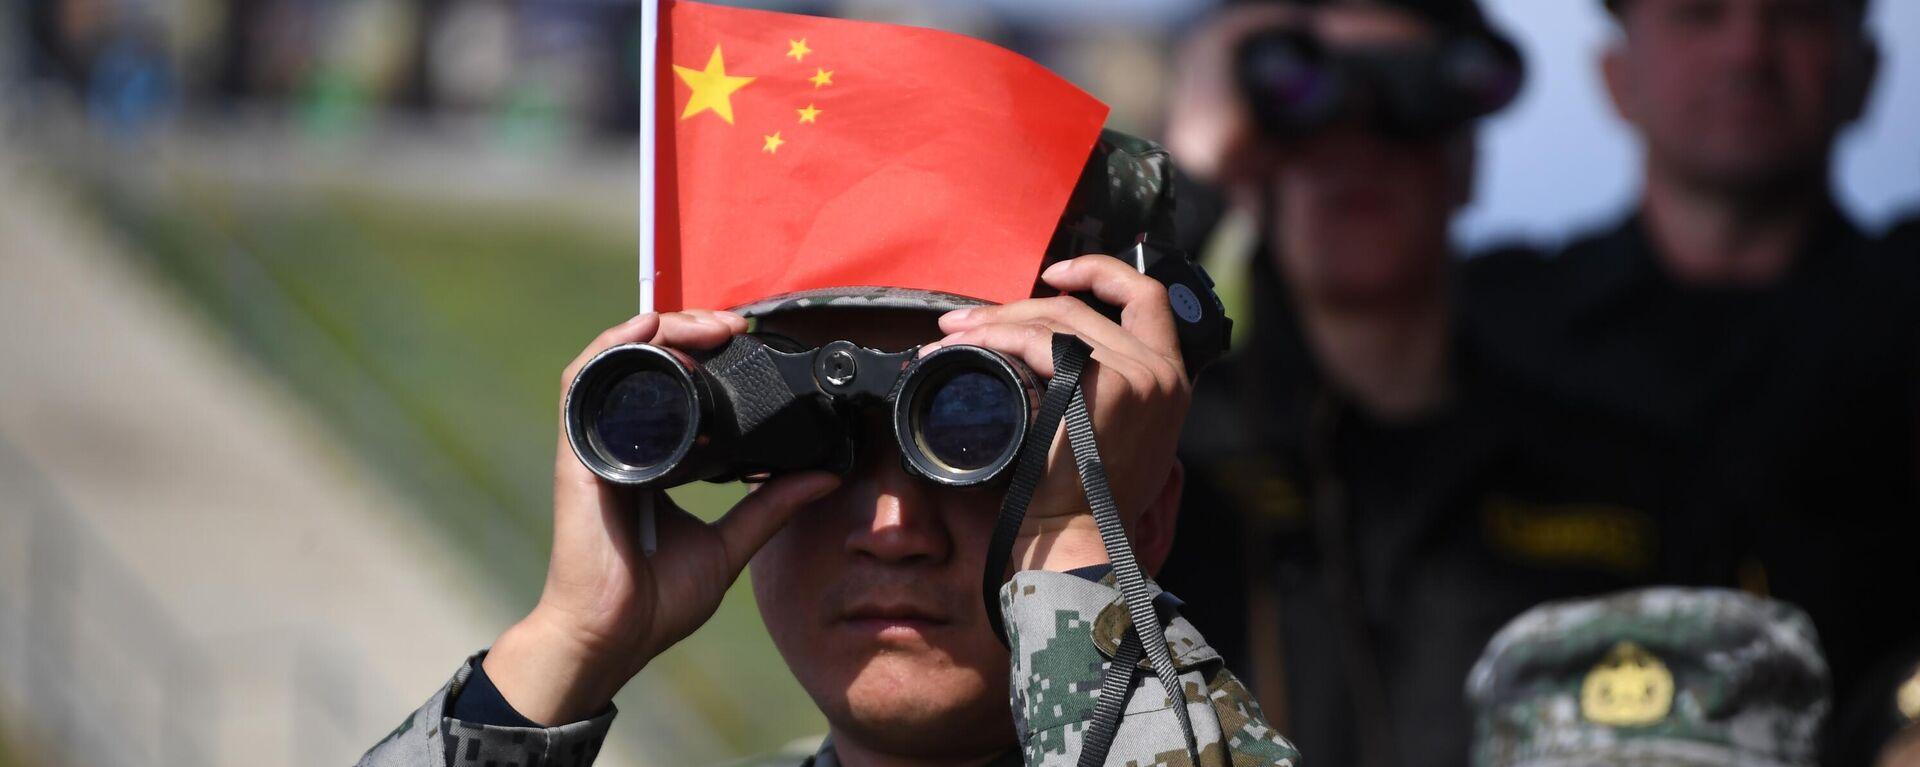 Военнослужащий армии Китая наблюдает в бинокль за соревнованиями  - Sputnik Таджикистан, 1920, 29.07.2021